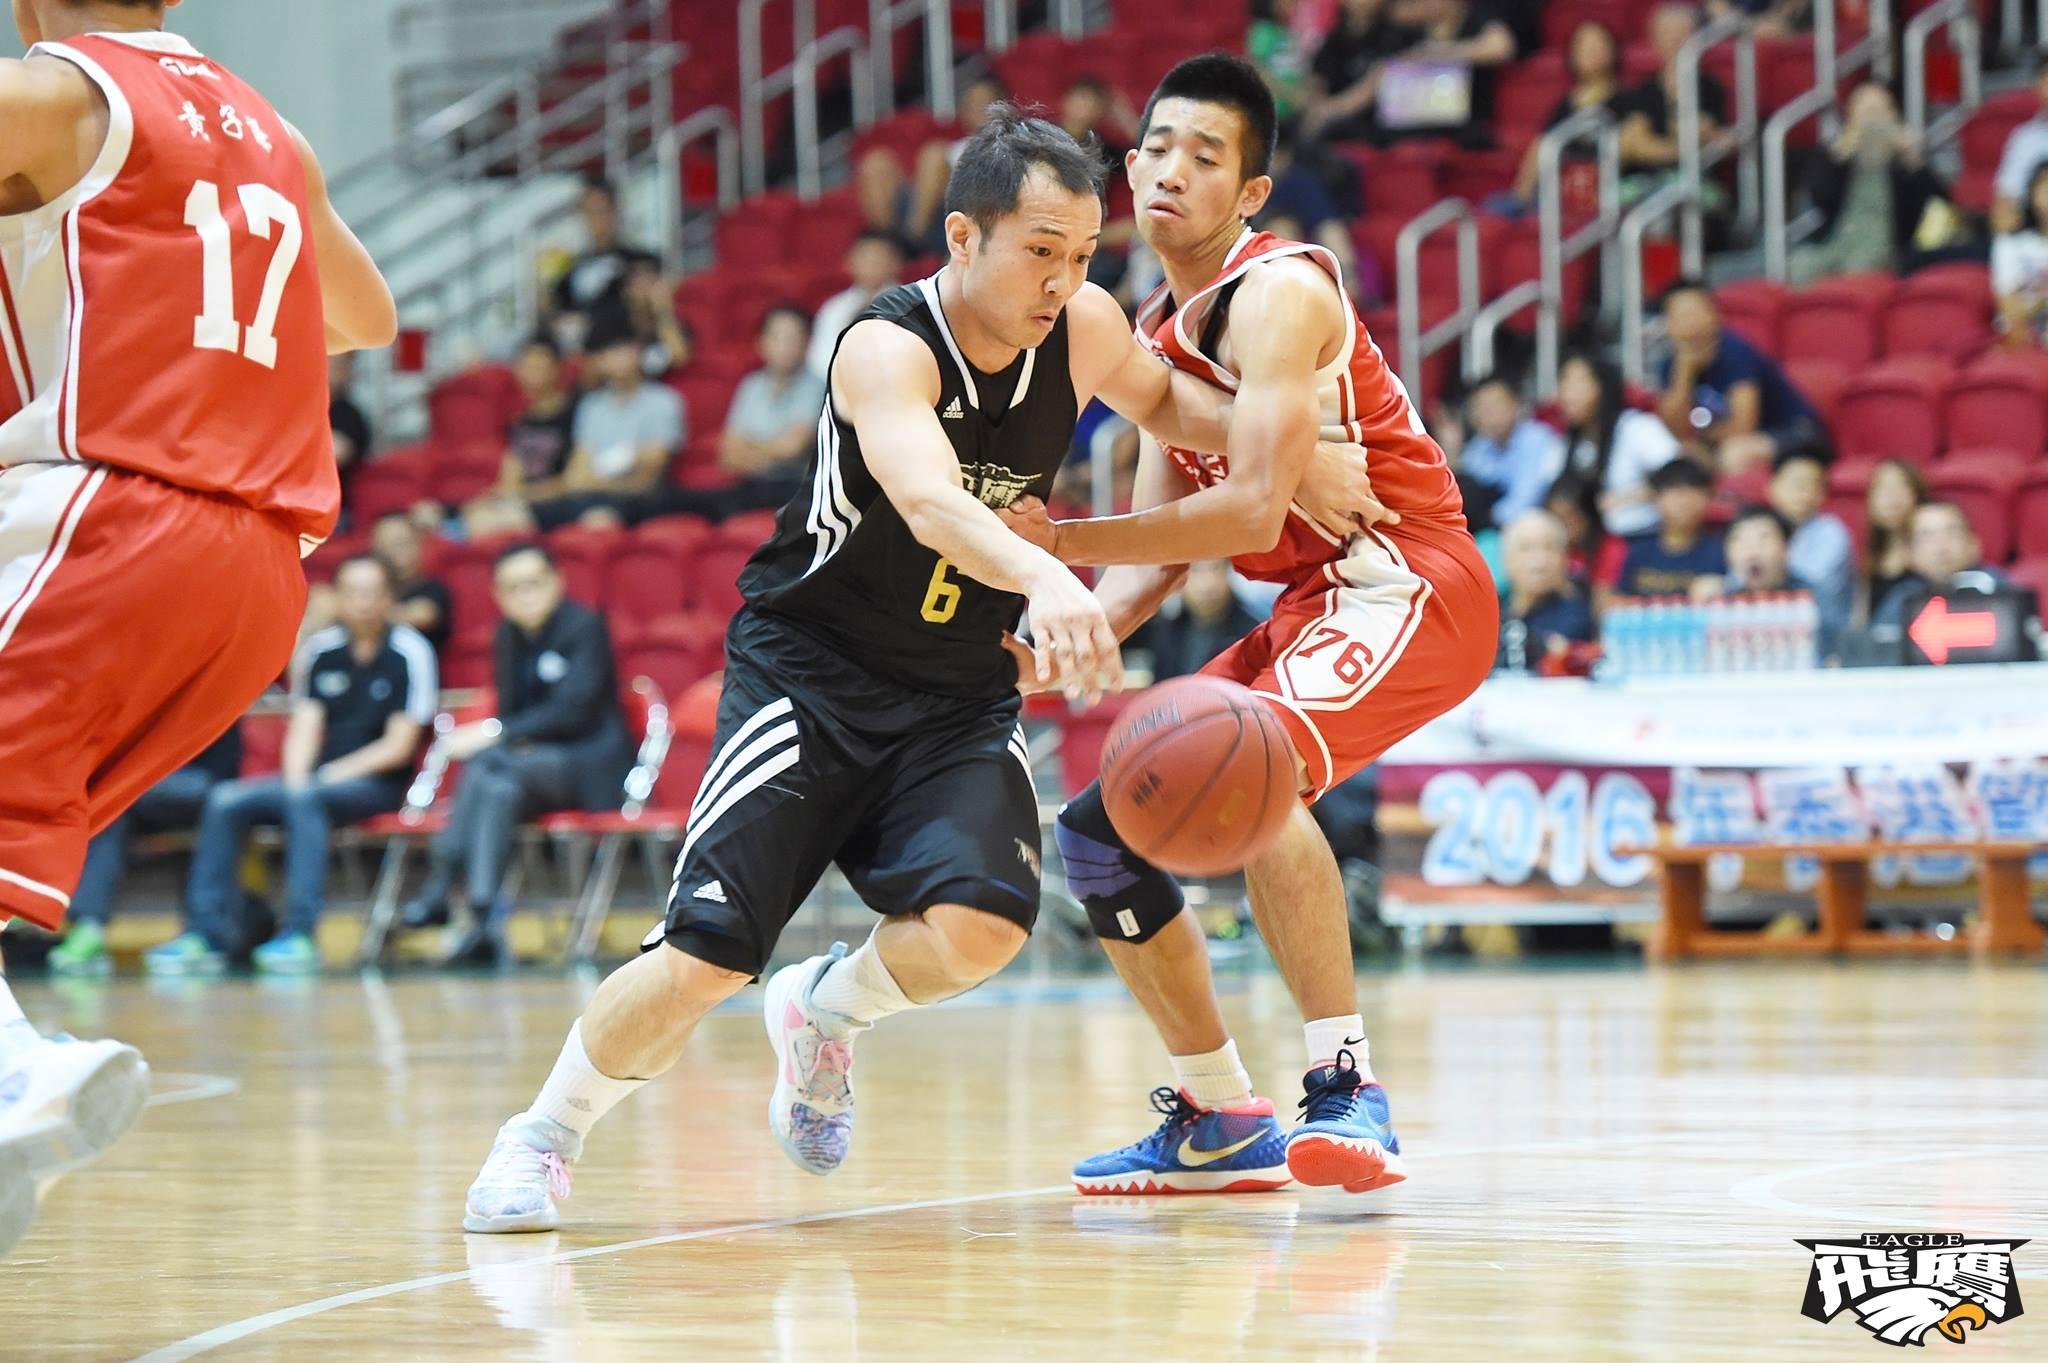 2016年6 月21日 季後賽飛鷹對南青